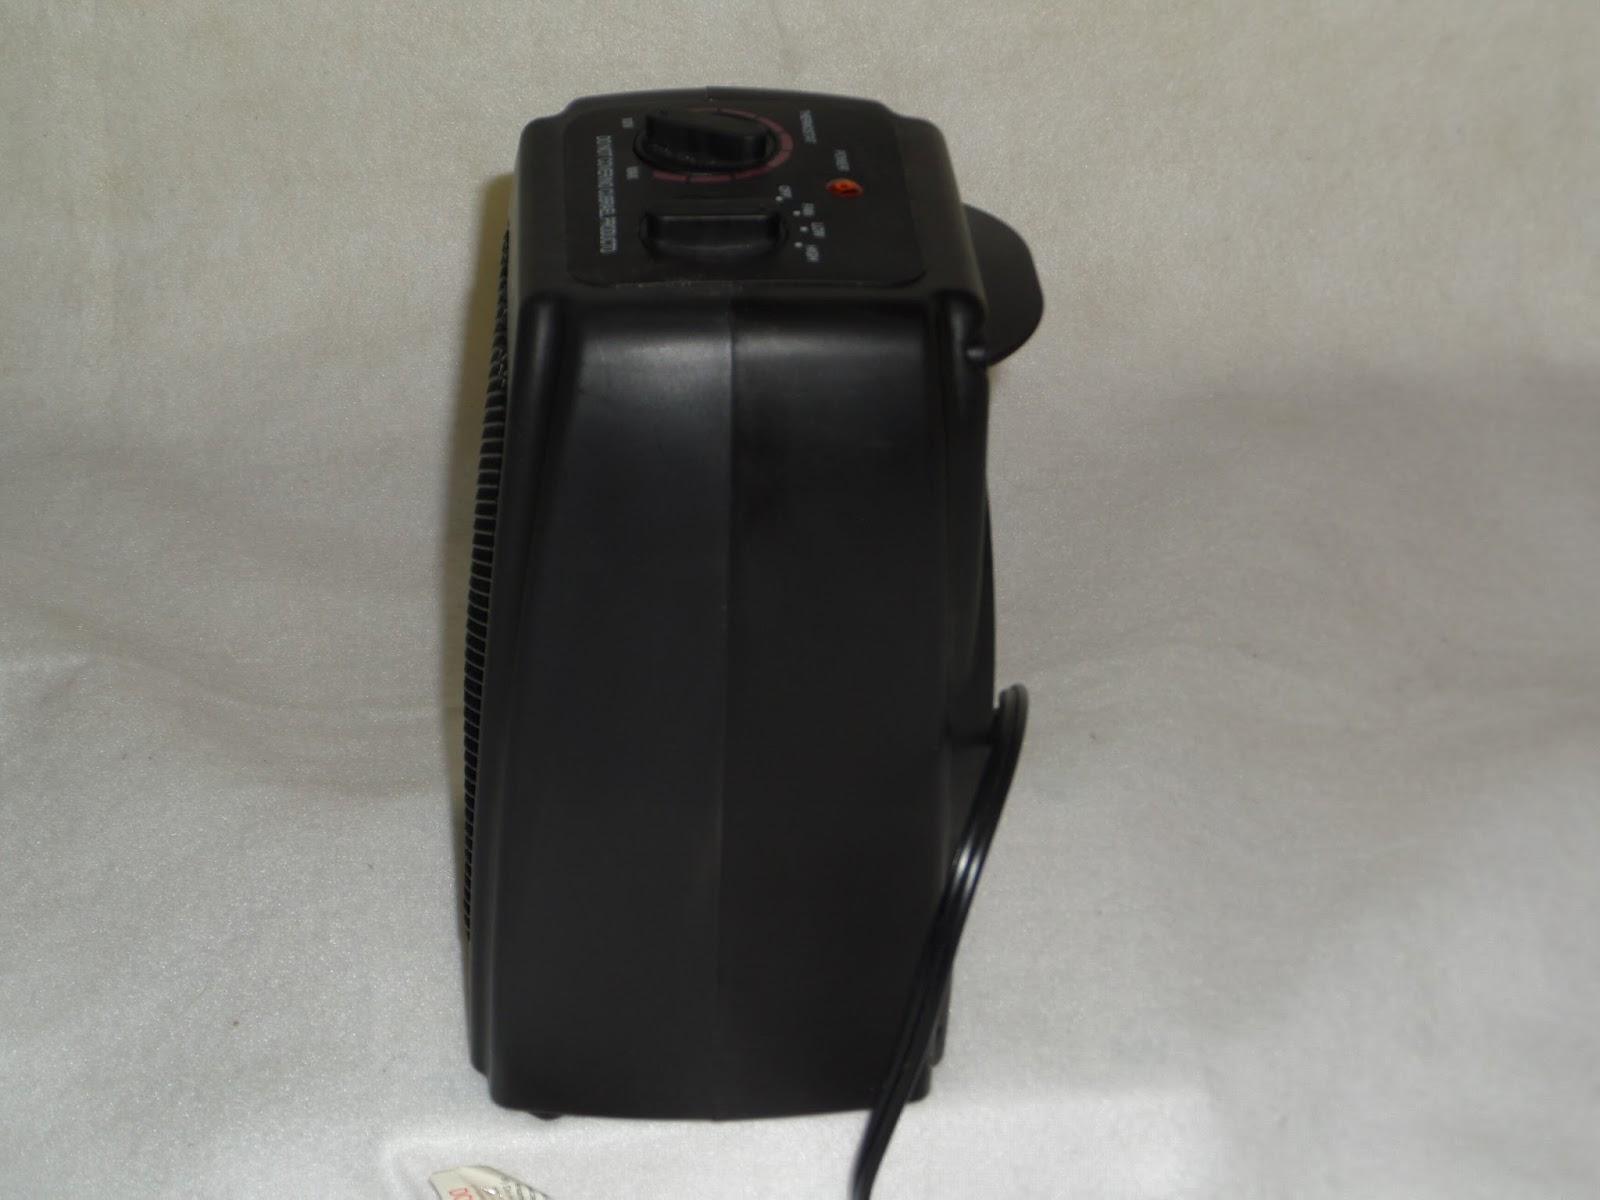 p shop zone ebay comforter heater comfort heaters s radiant